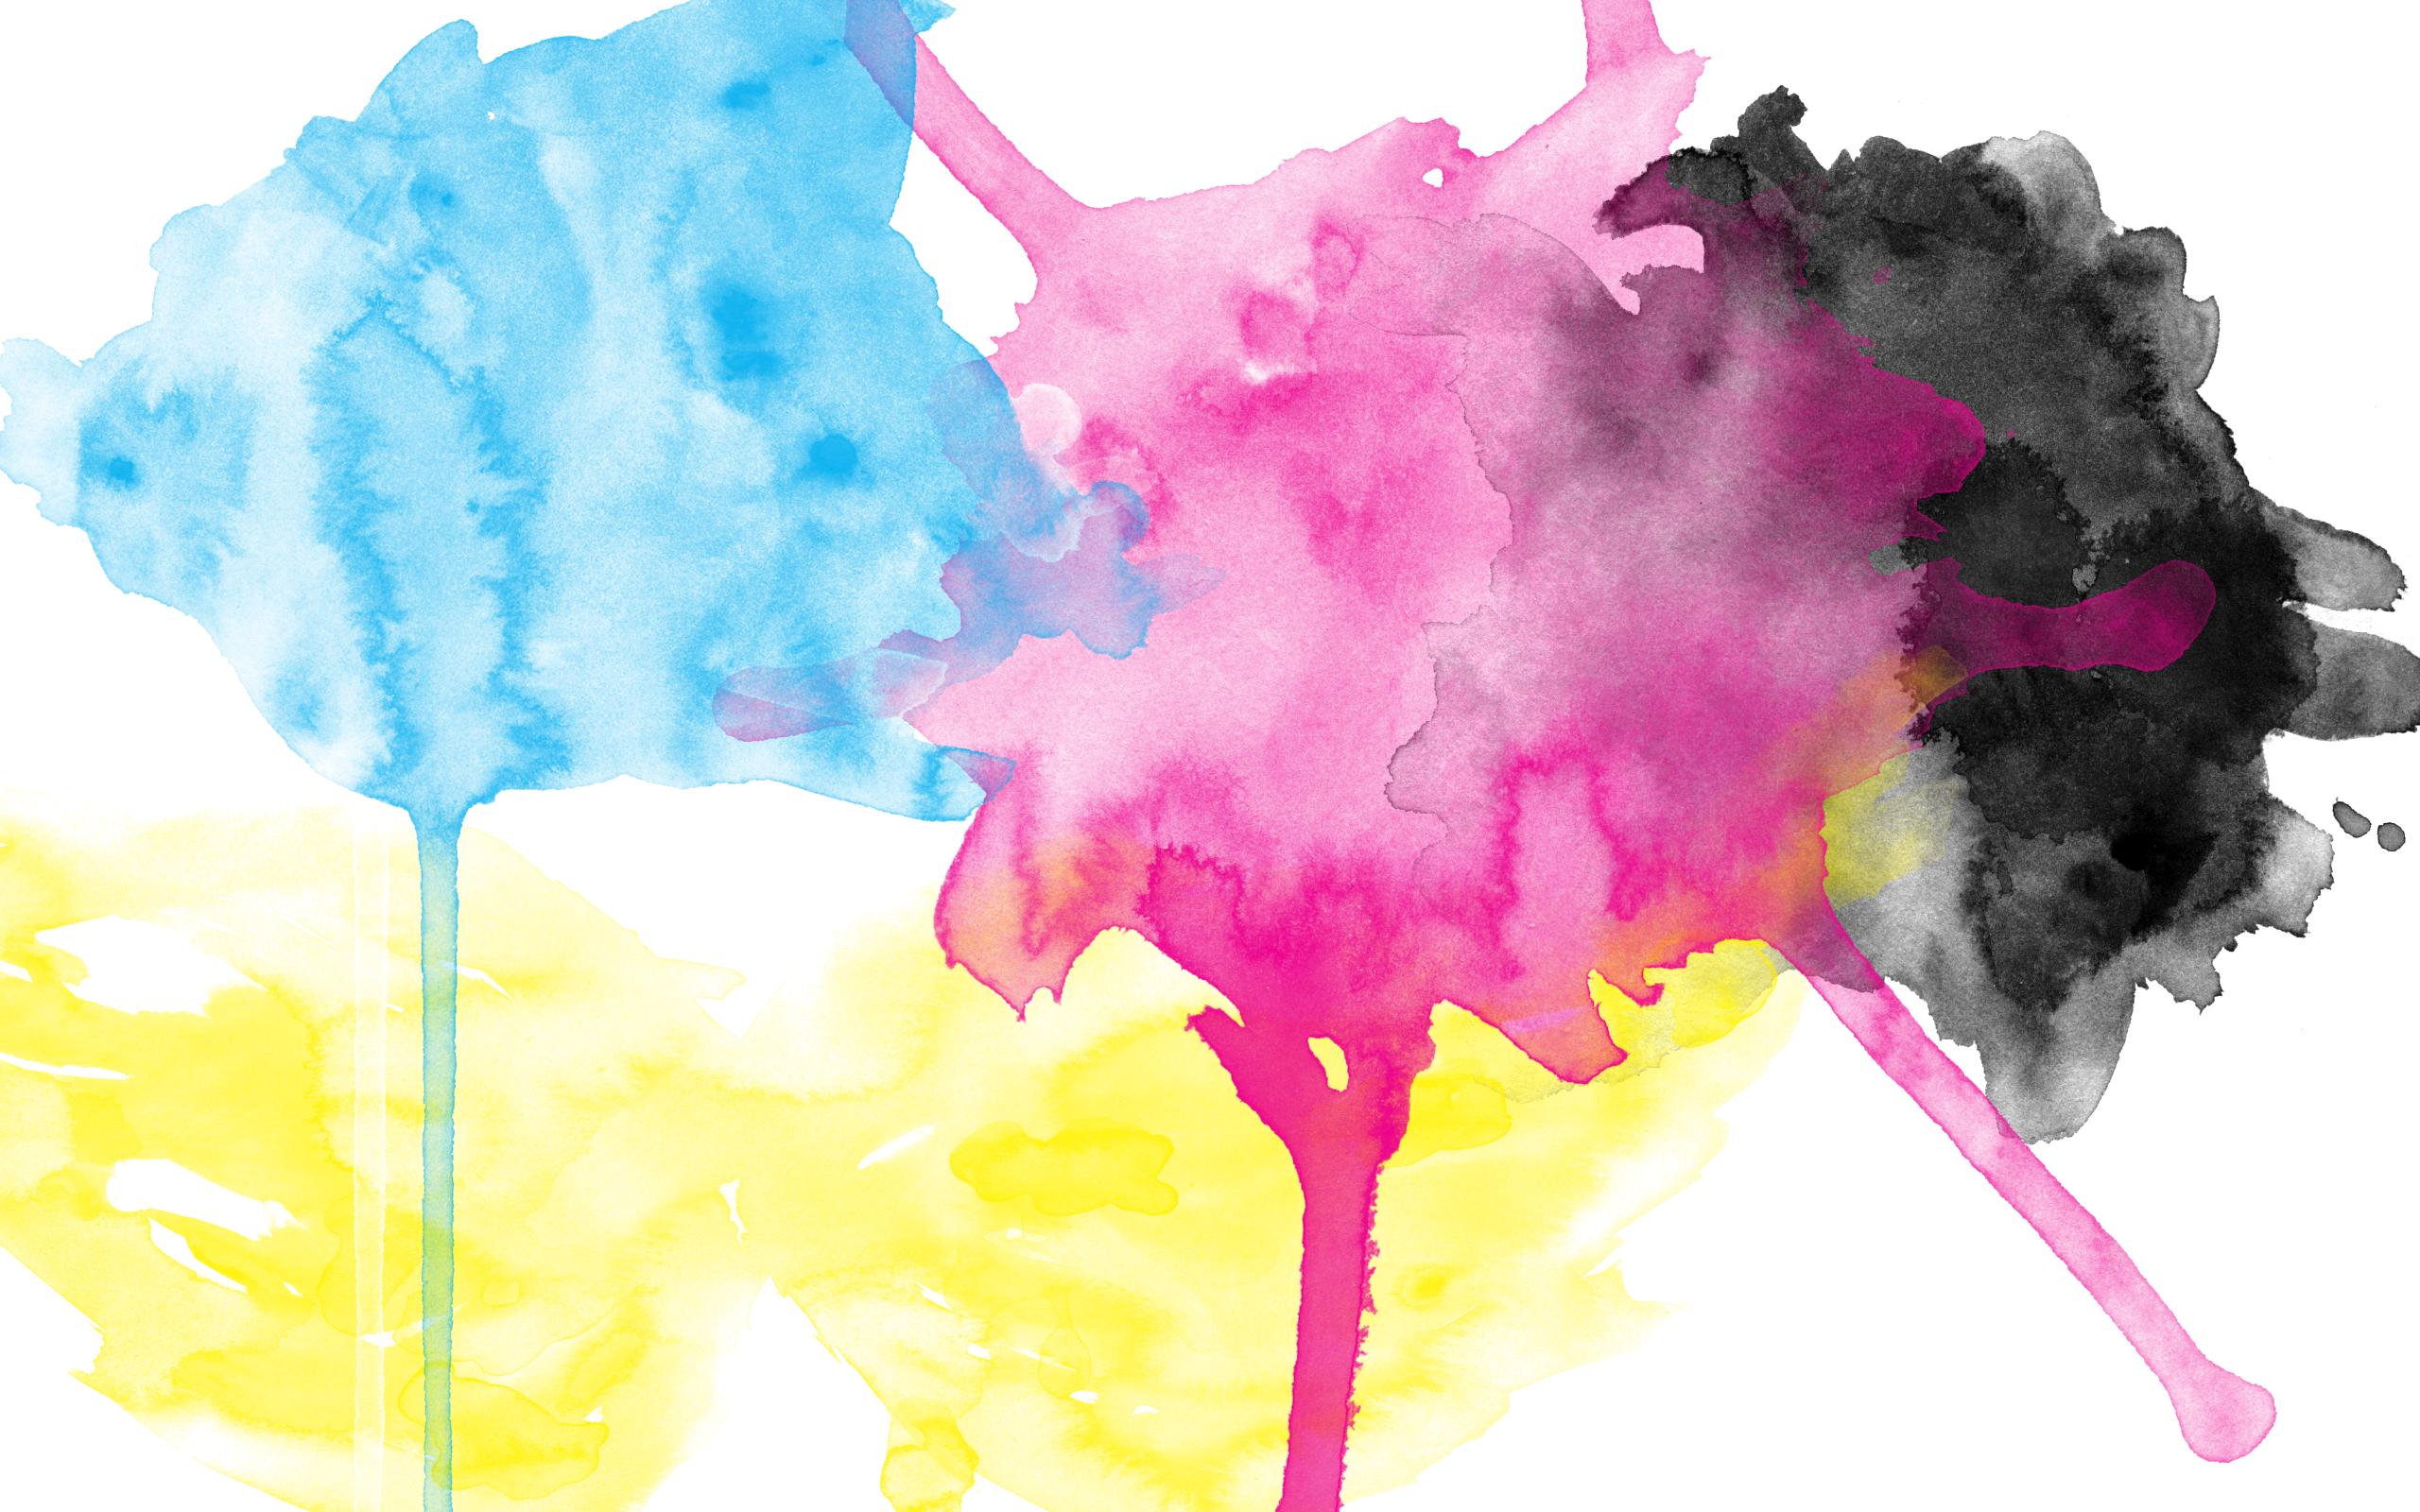 CMYK Watercolor Wallpaper by brianlechthaler